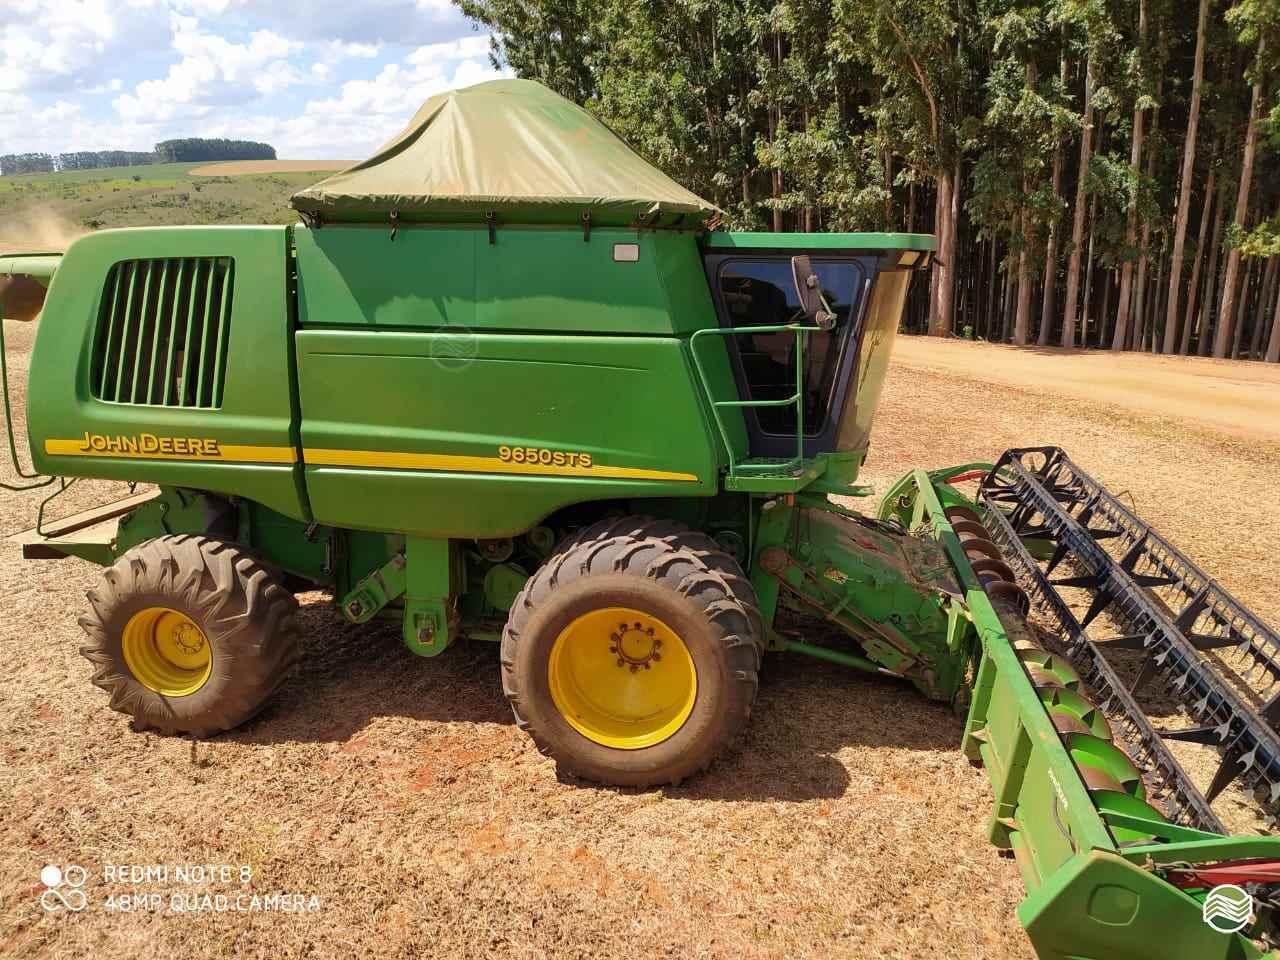 JOHN DEERE 9650 STS de Máquinas Agrícolas Pitanga - PITANGA/PR